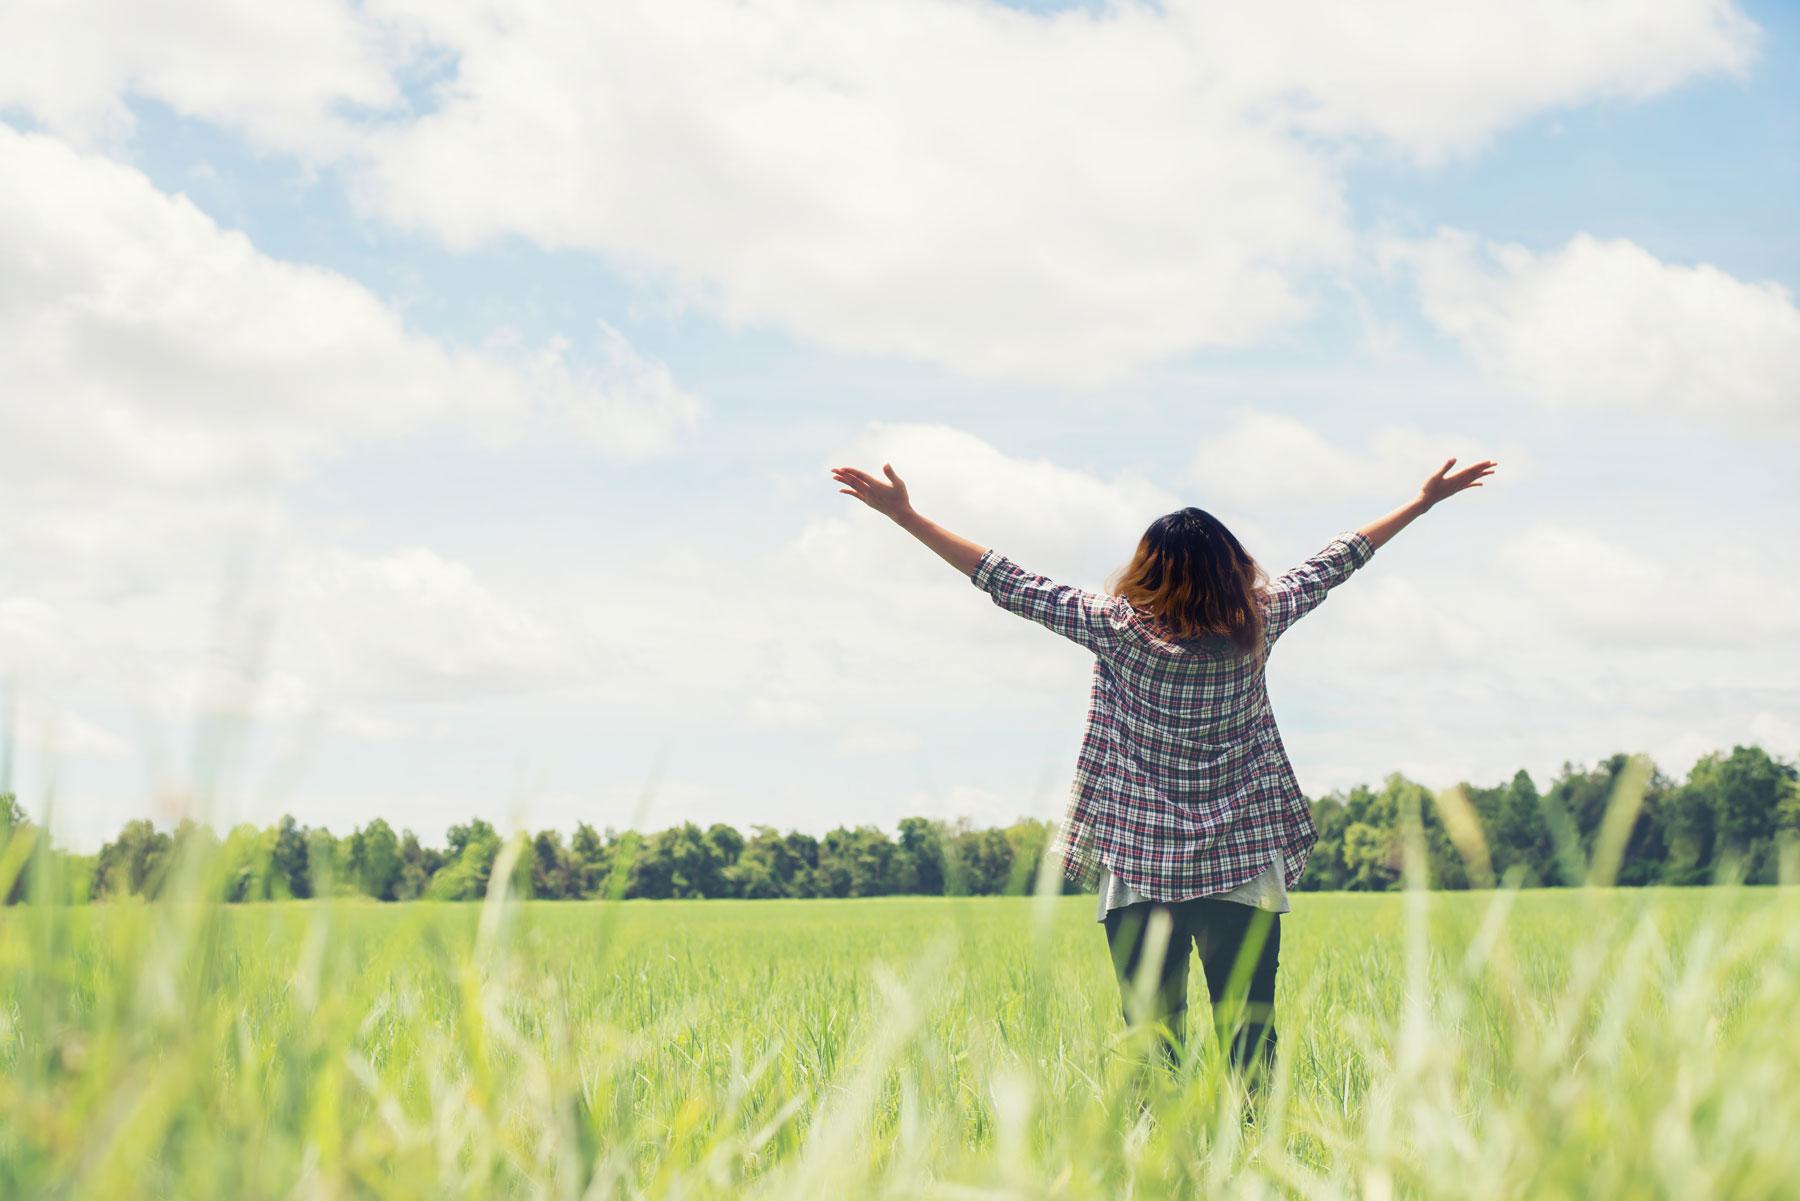 Giữ tinh thần thoải mái là bí quyết giúp bạn sống tốt hơn